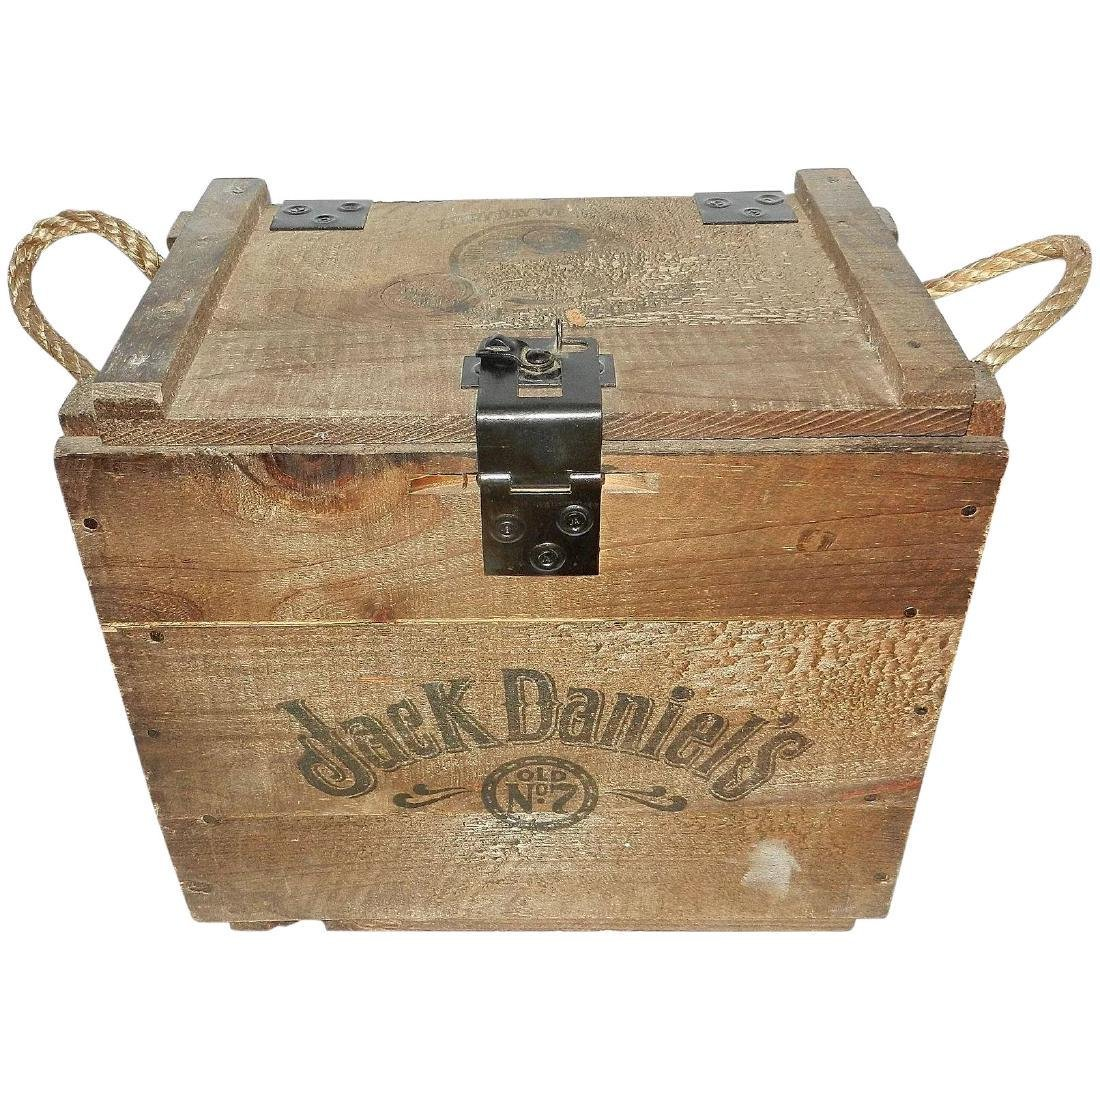 Jack Daniel's Old No. 7 Wood Bottle Whiskey Transport